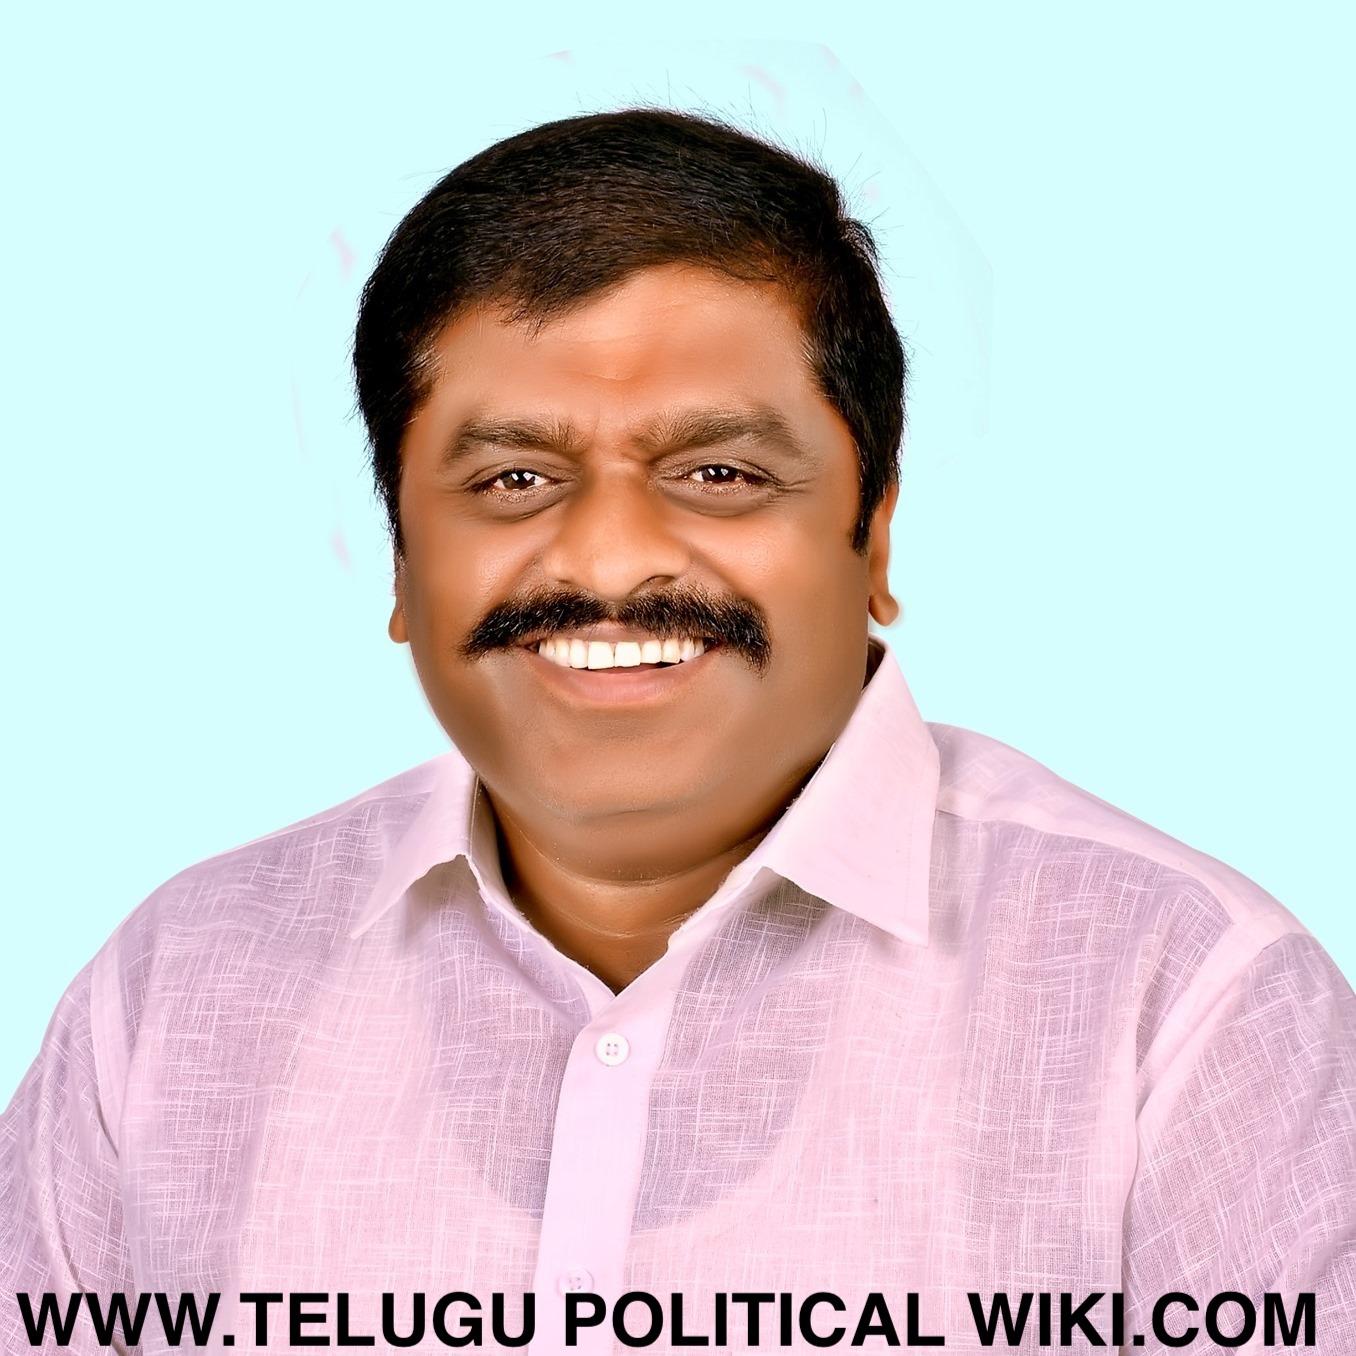 Cheruku Srinivas Reddy